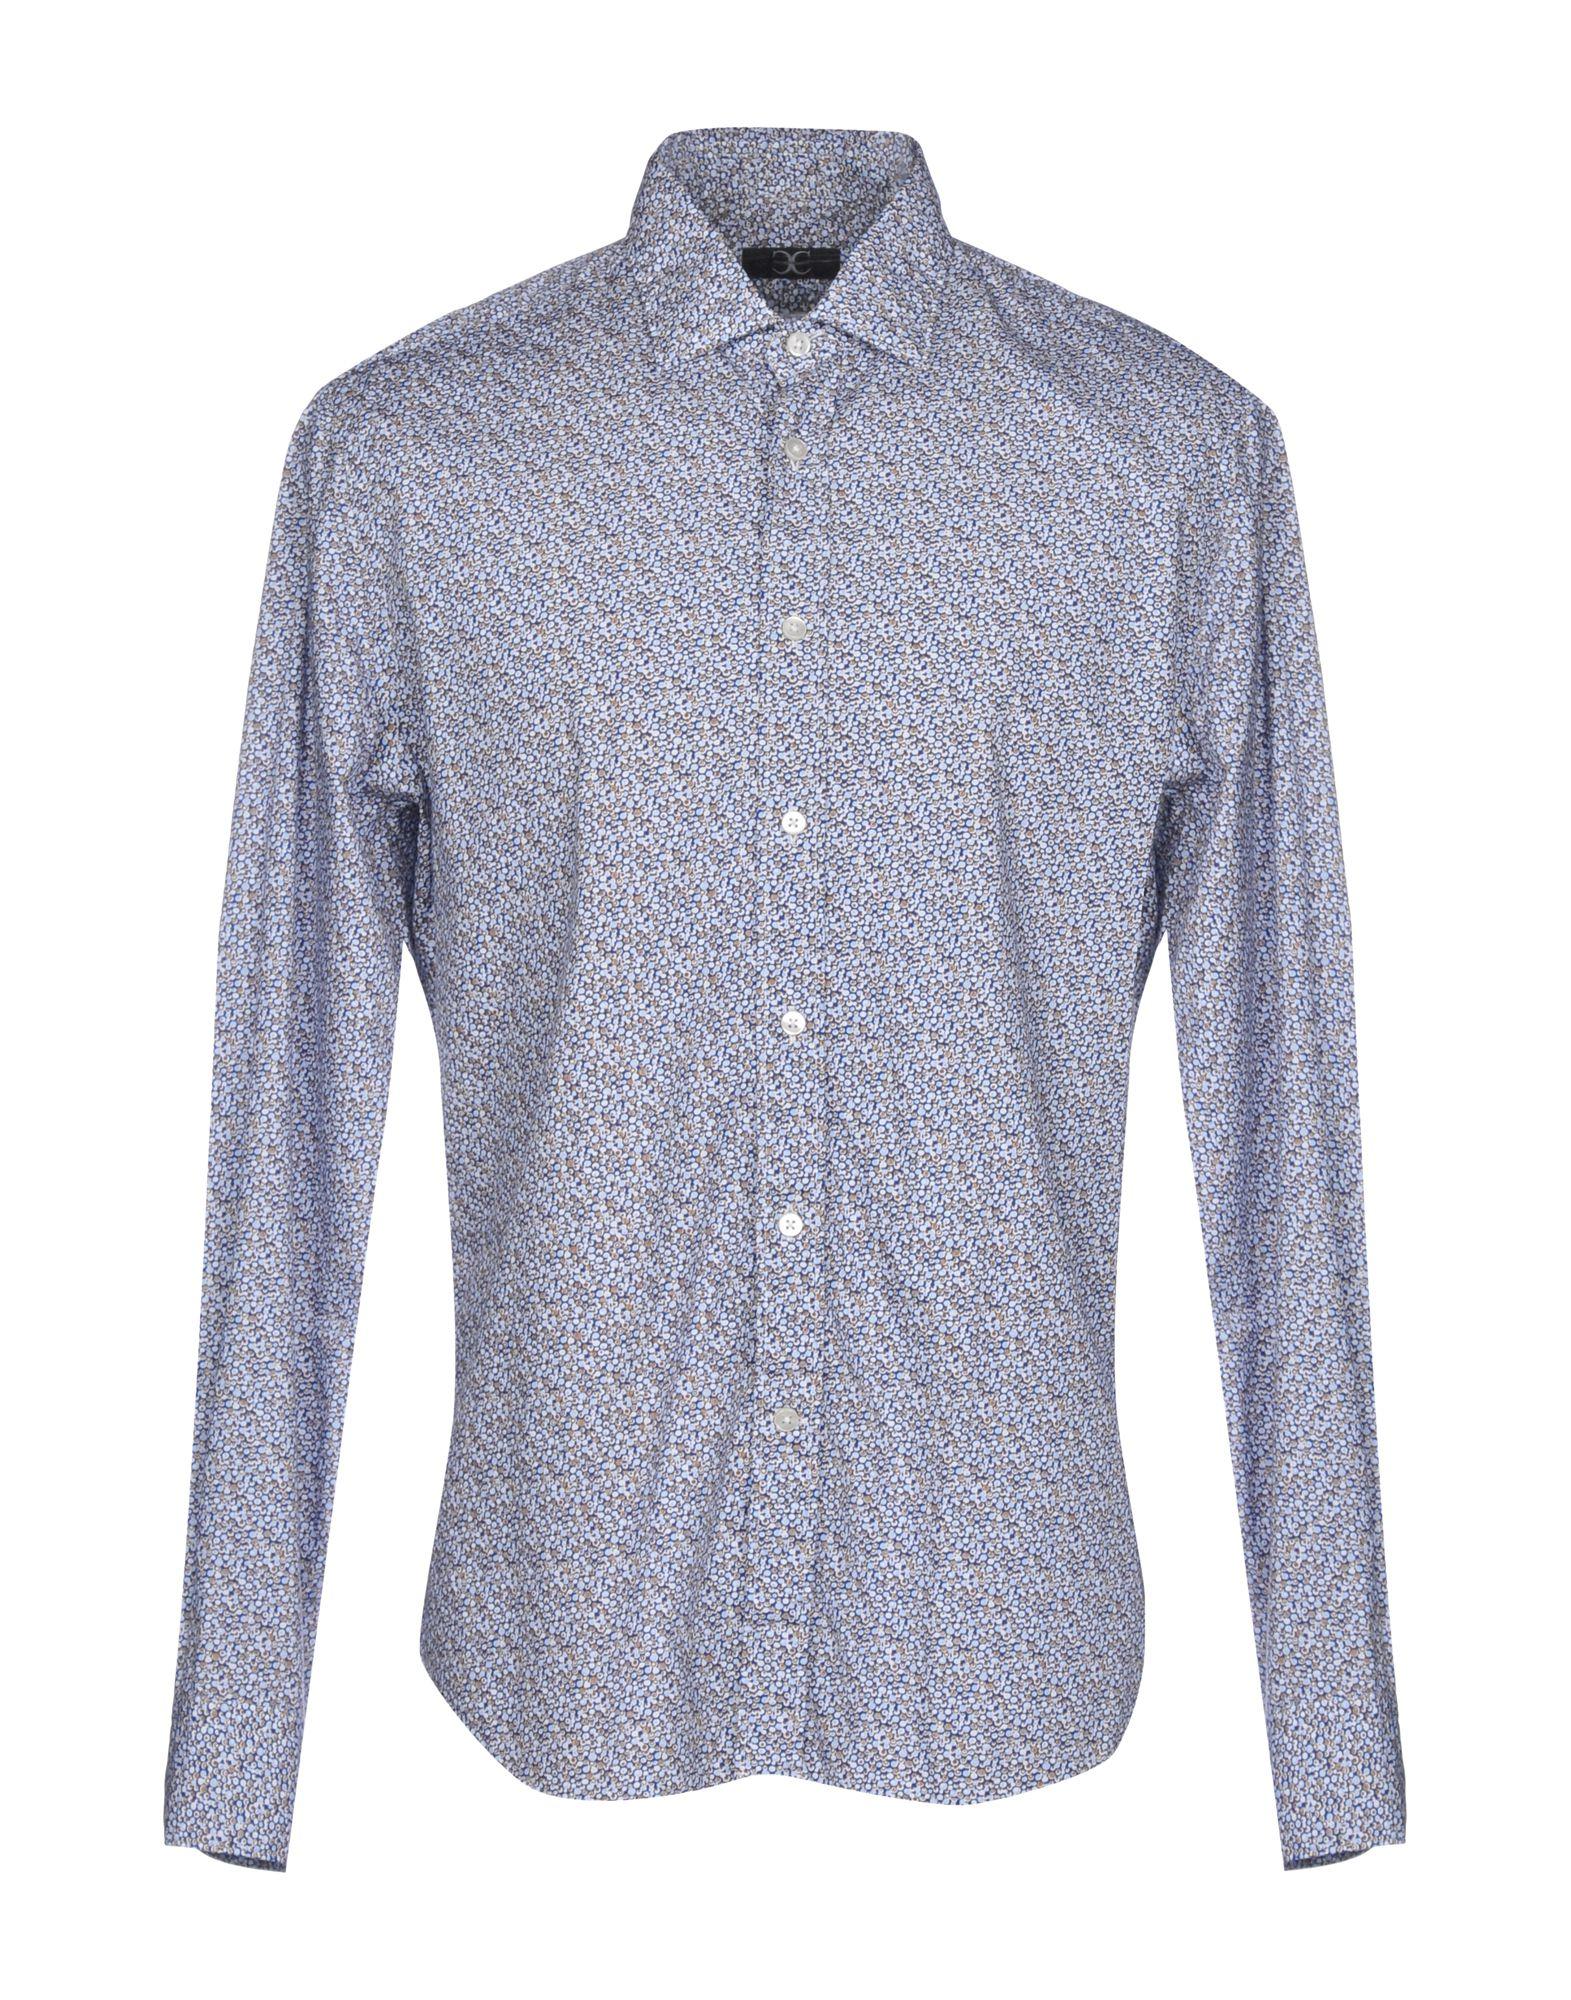 《送料無料》COCCHETTI メンズ シャツ ダークブルー L コットン 100%